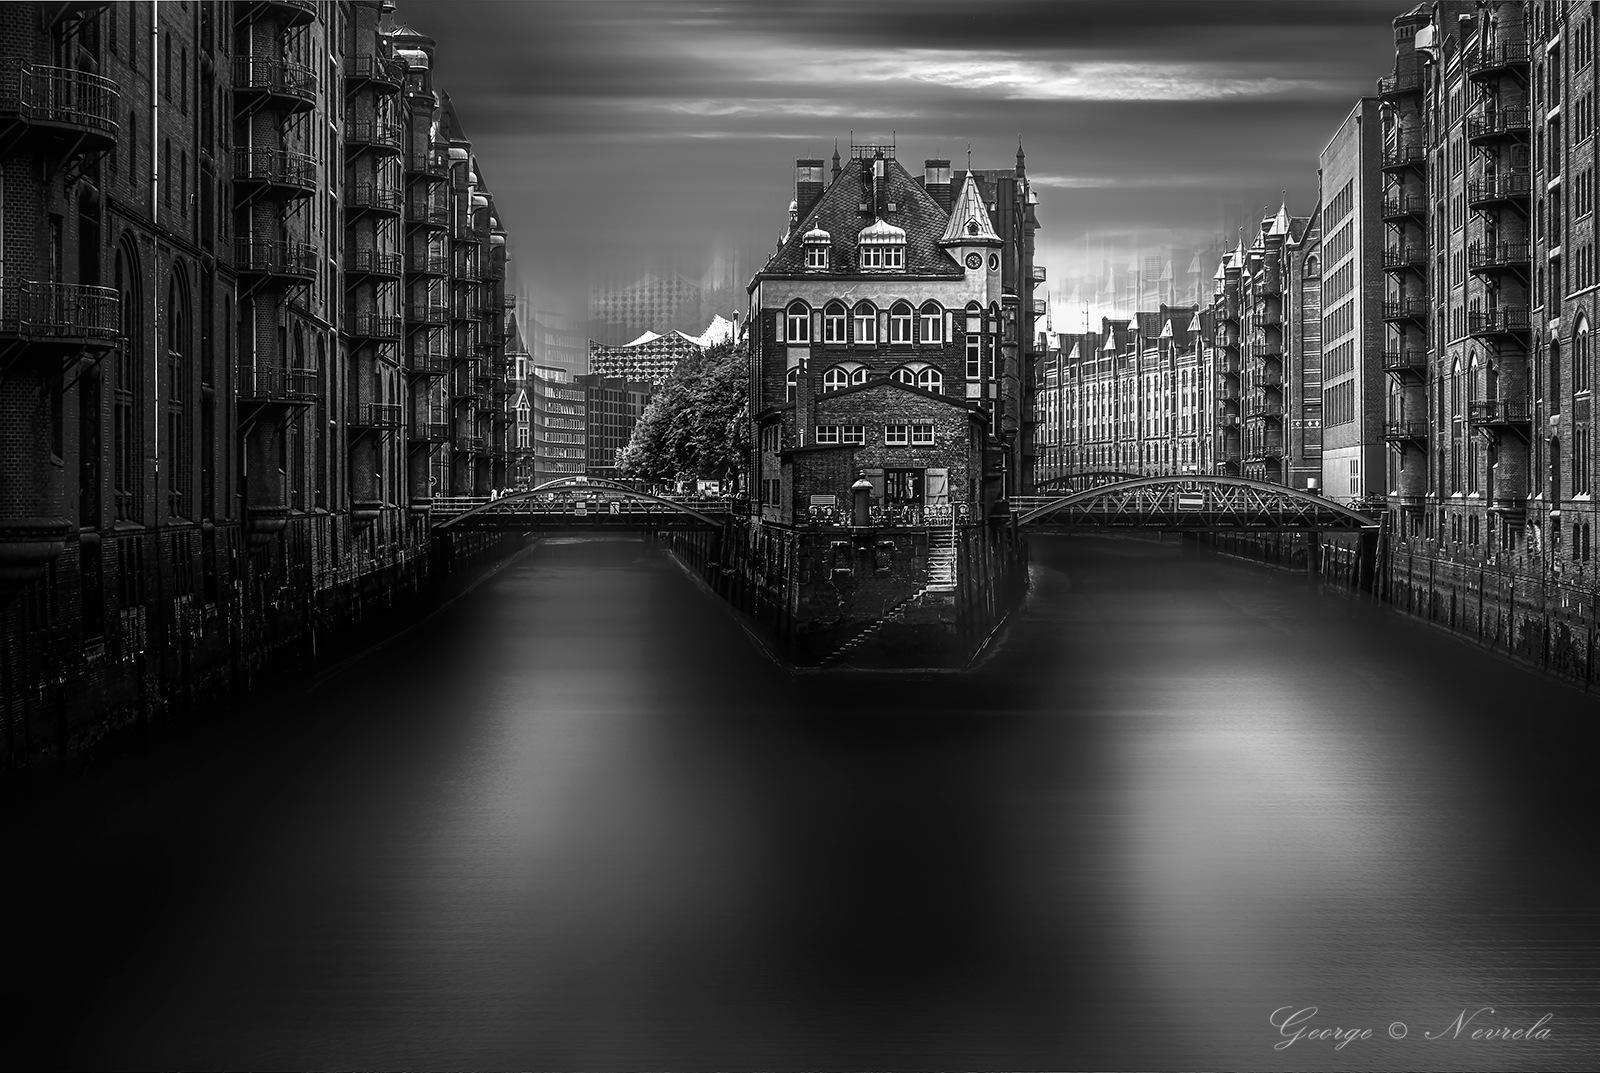 Hamburg Speicherstadt Wasserschloss b&w by GeorgeNevrela